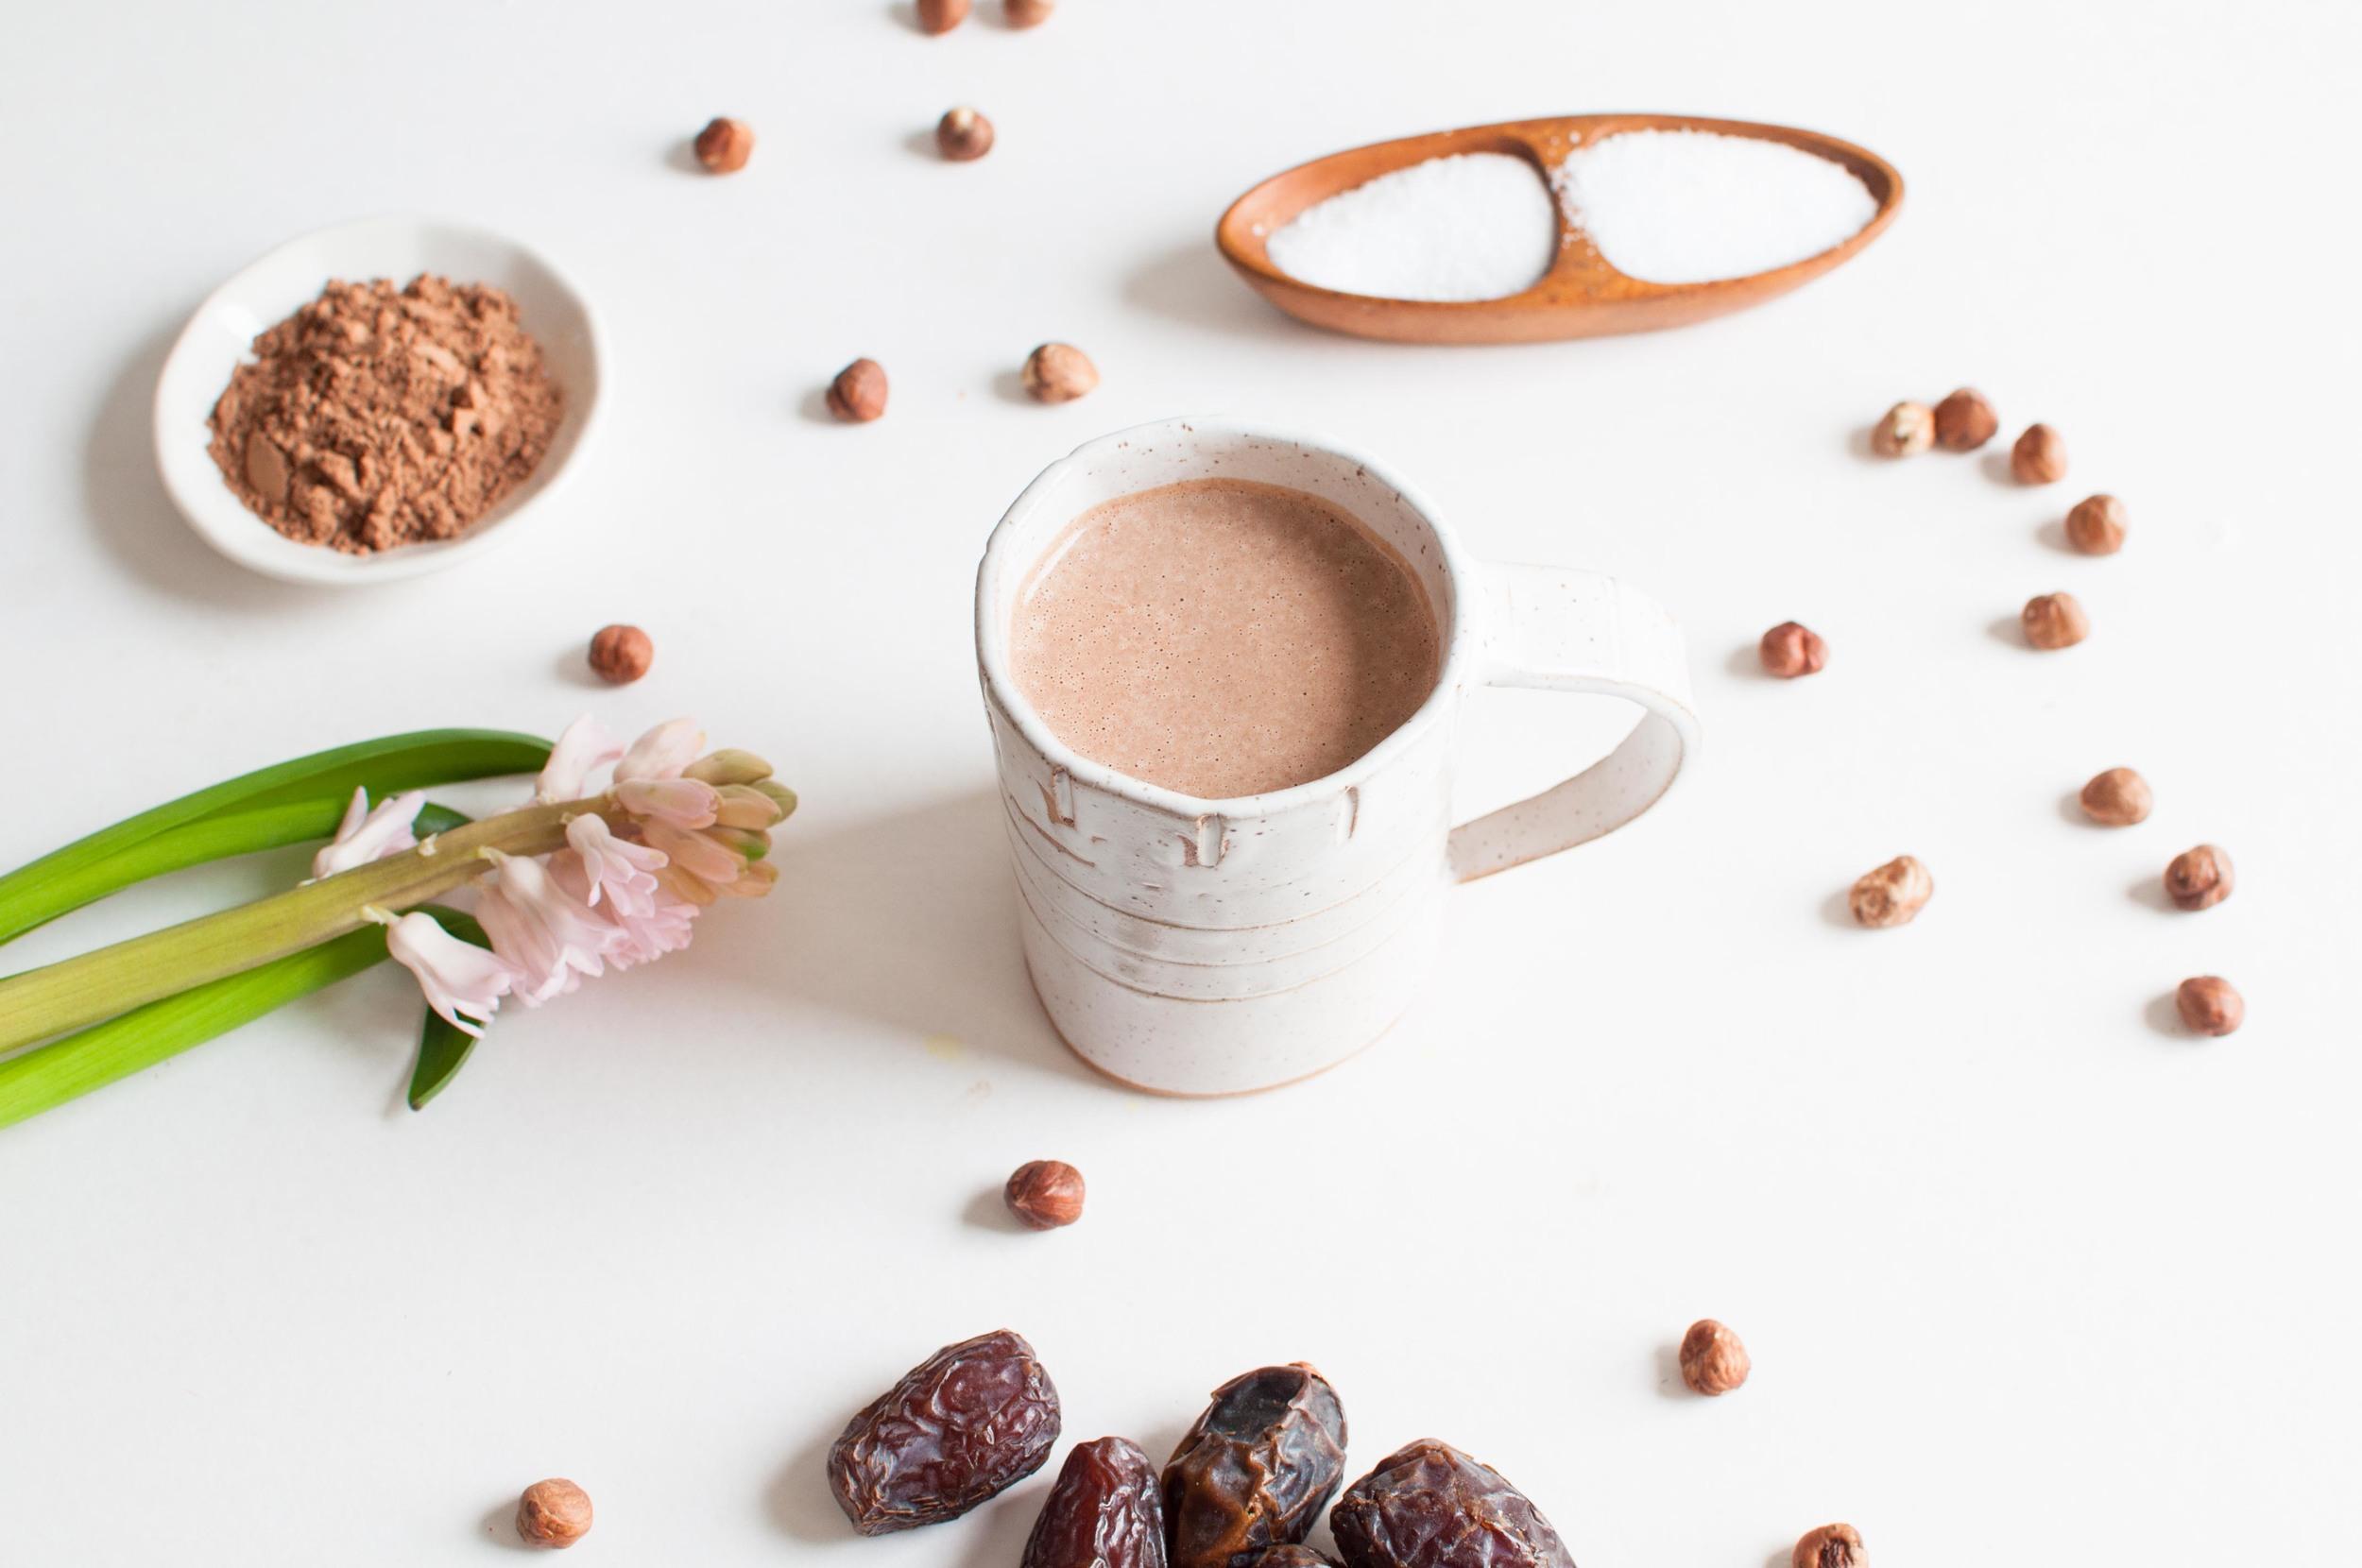 raw-chocolate-hazelnut-milk-vegan-fried-parsley